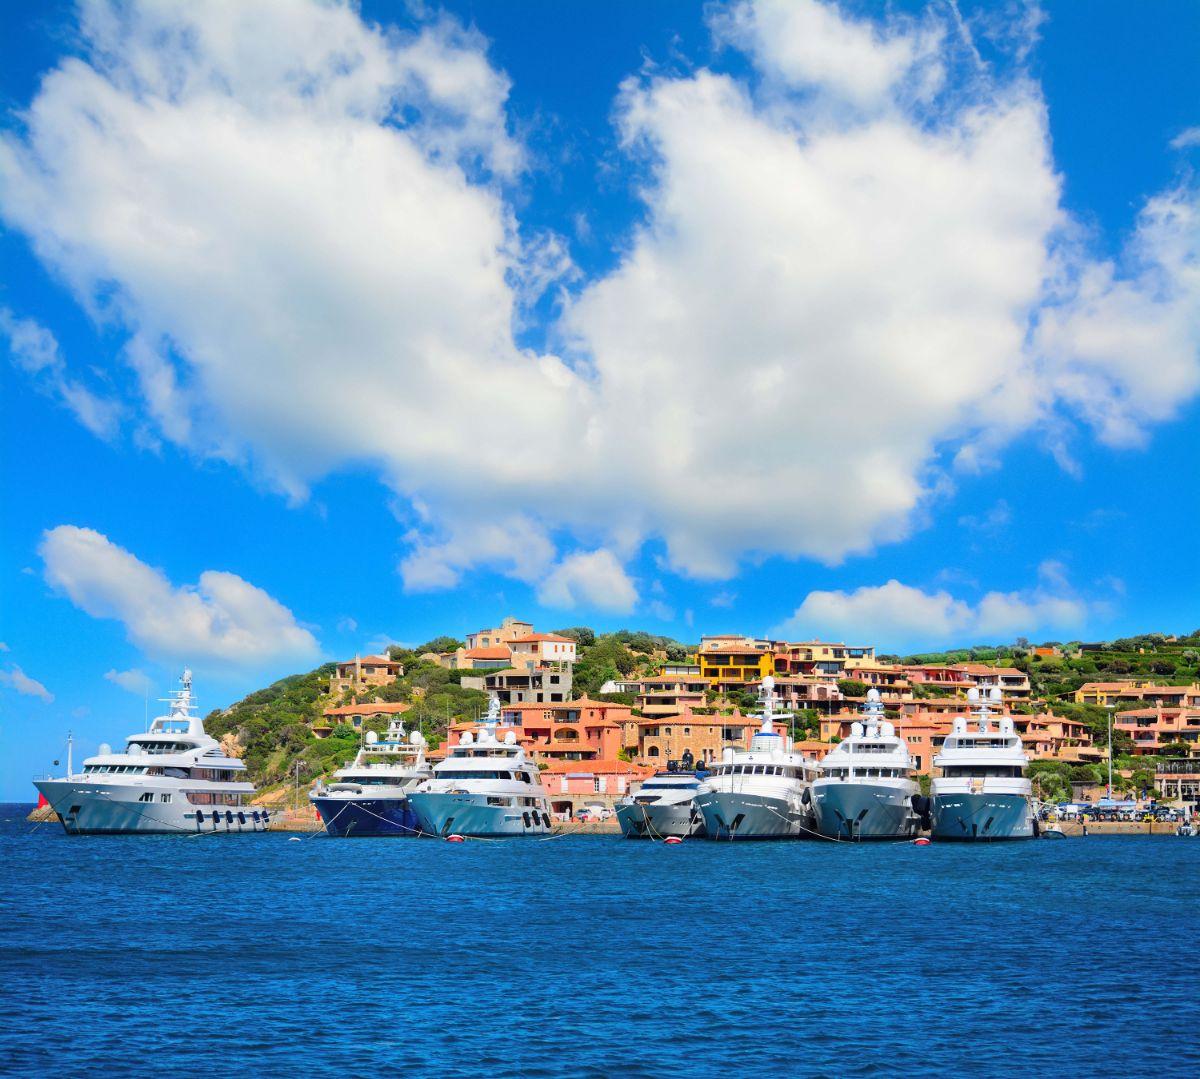 Porto Cervo Marina - Sardinia Italy Mediterranean Marina - Megayacht Bows -1.79MB